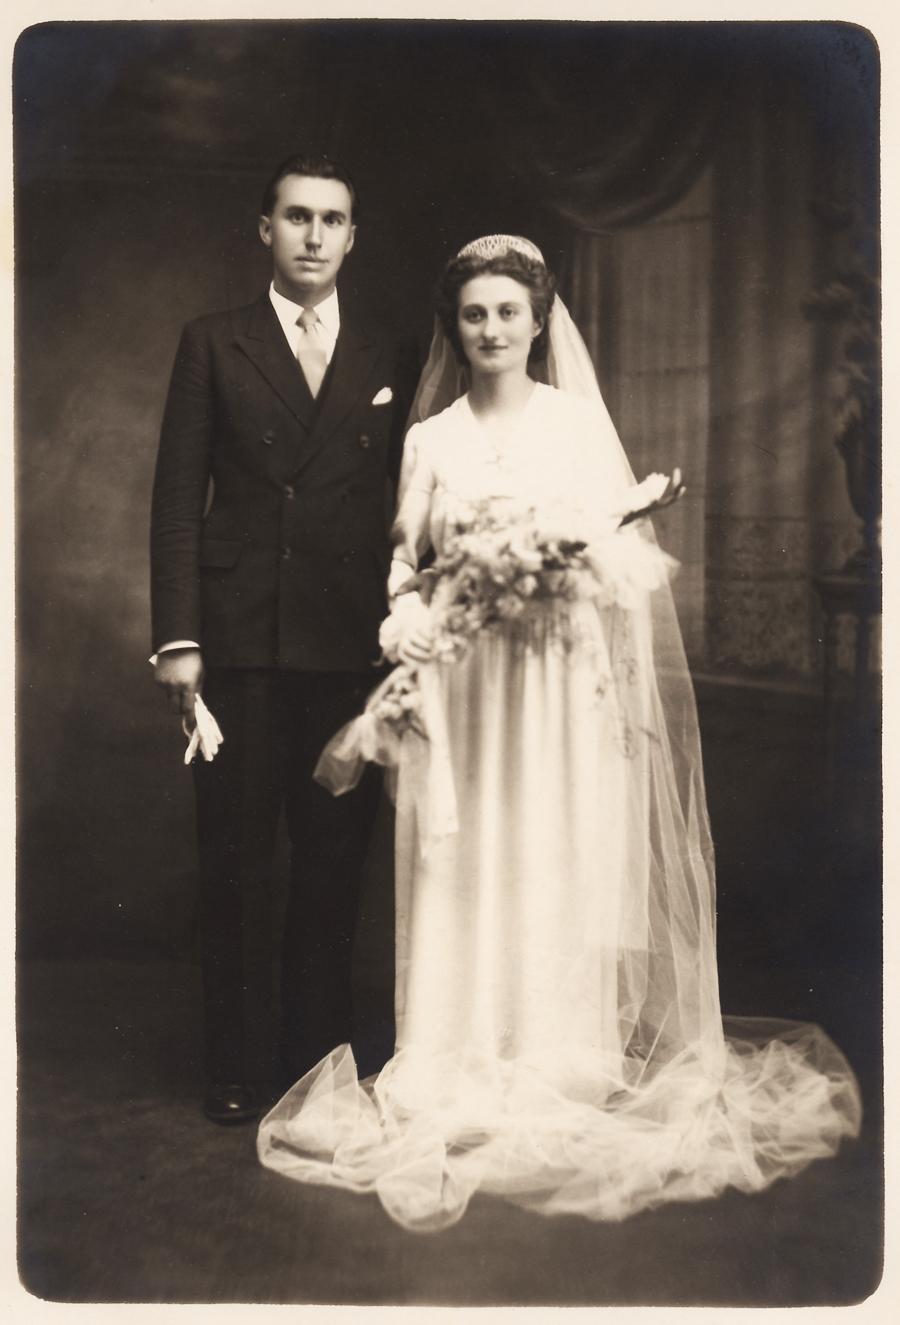 Les beaux mariages vintage chic geek - Photo de mariage ...